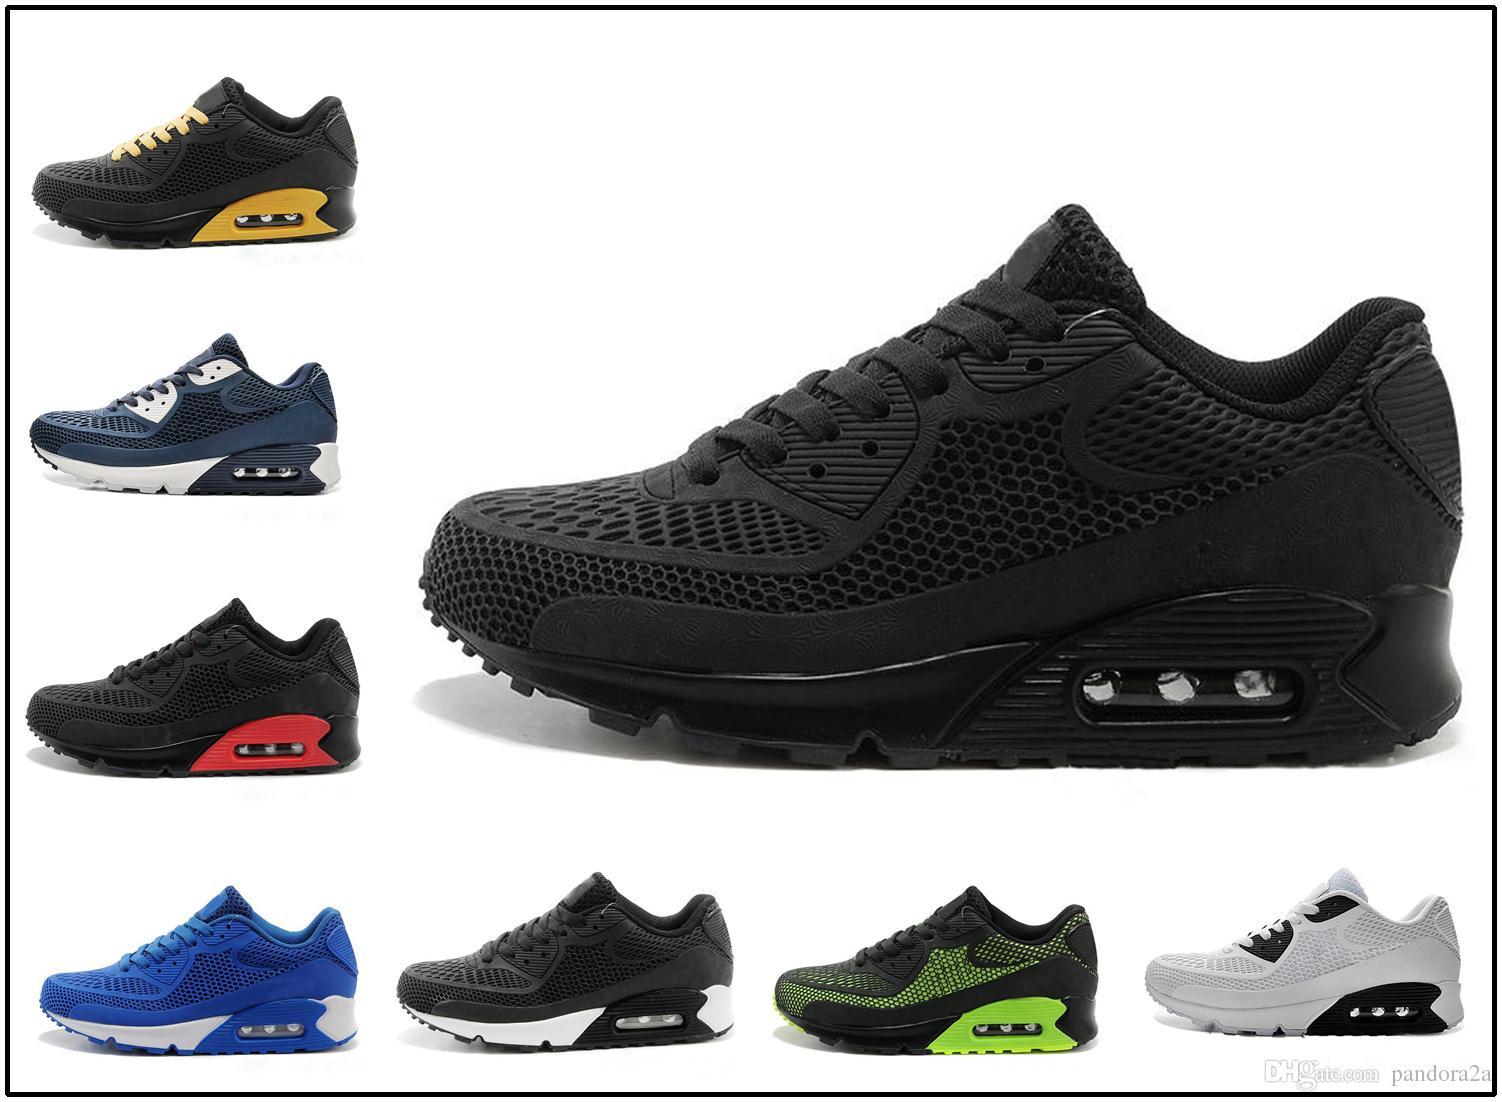 sports shoes 26bd1 78964 Compre Nike Air Max Airmax 90 Kpu 2018 Nuevas Zapatillas De Deporte Cojín 90  KPU Hombres Mujeres Zapatillas De Deporte De Alta Calidad Baratas Todo  Negro ...